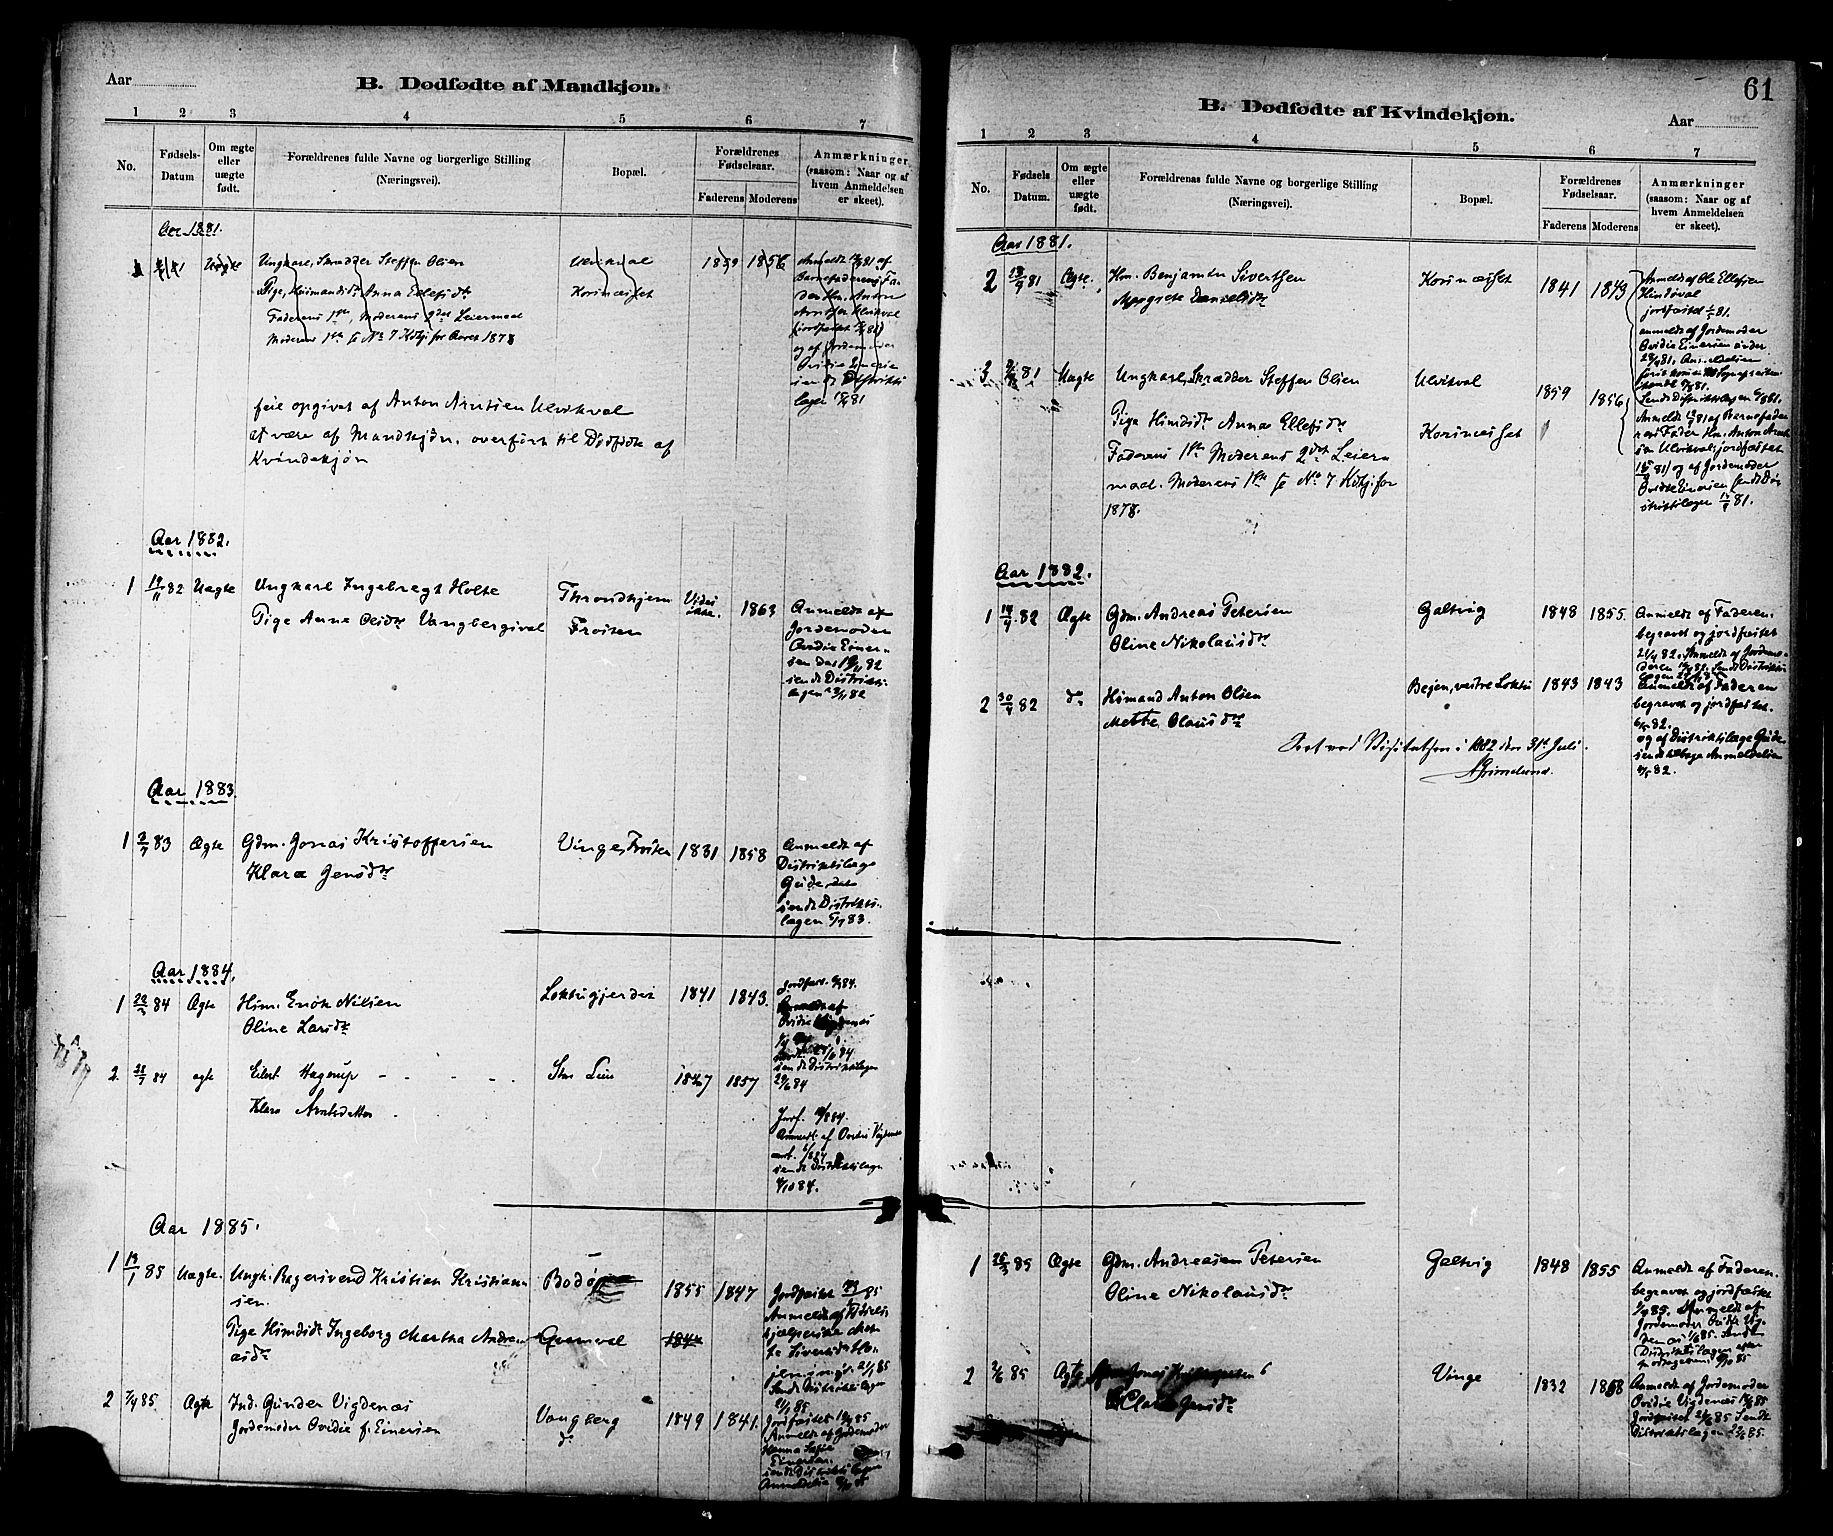 SAT, Ministerialprotokoller, klokkerbøker og fødselsregistre - Nord-Trøndelag, 713/L0120: Ministerialbok nr. 713A09, 1878-1887, s. 61